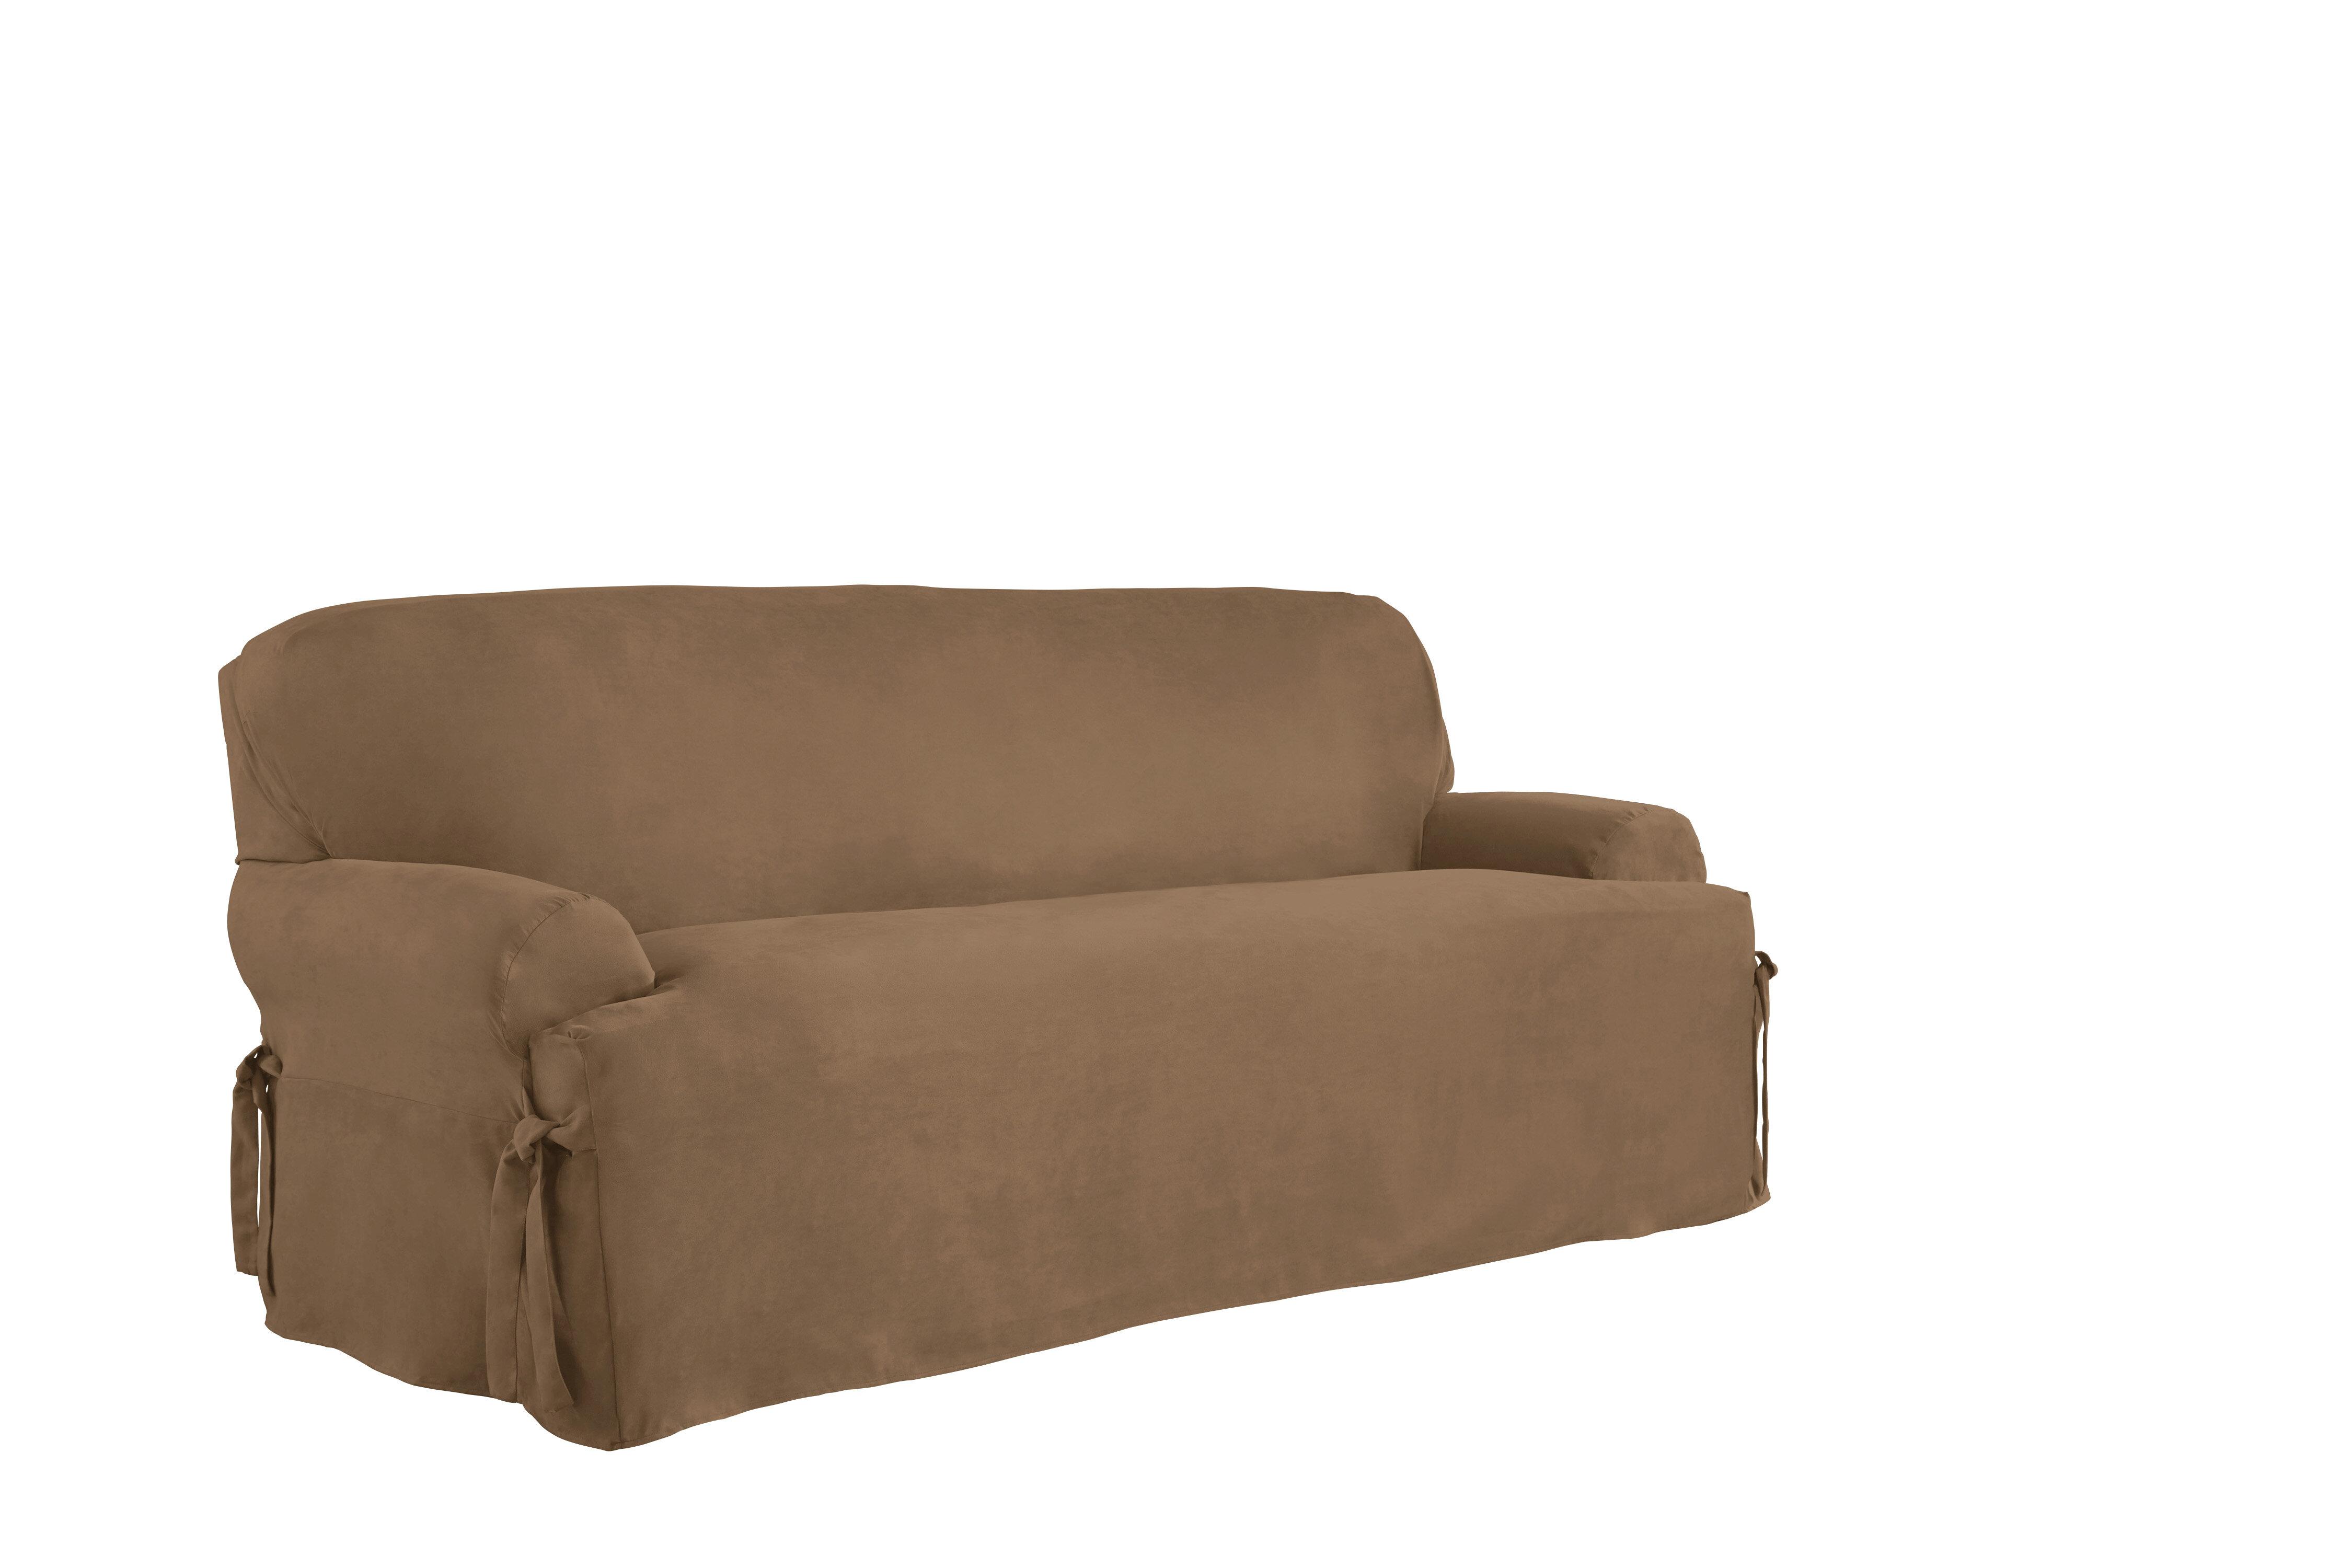 Serta T Cushion Sofa Slipcover Reviews Wayfair